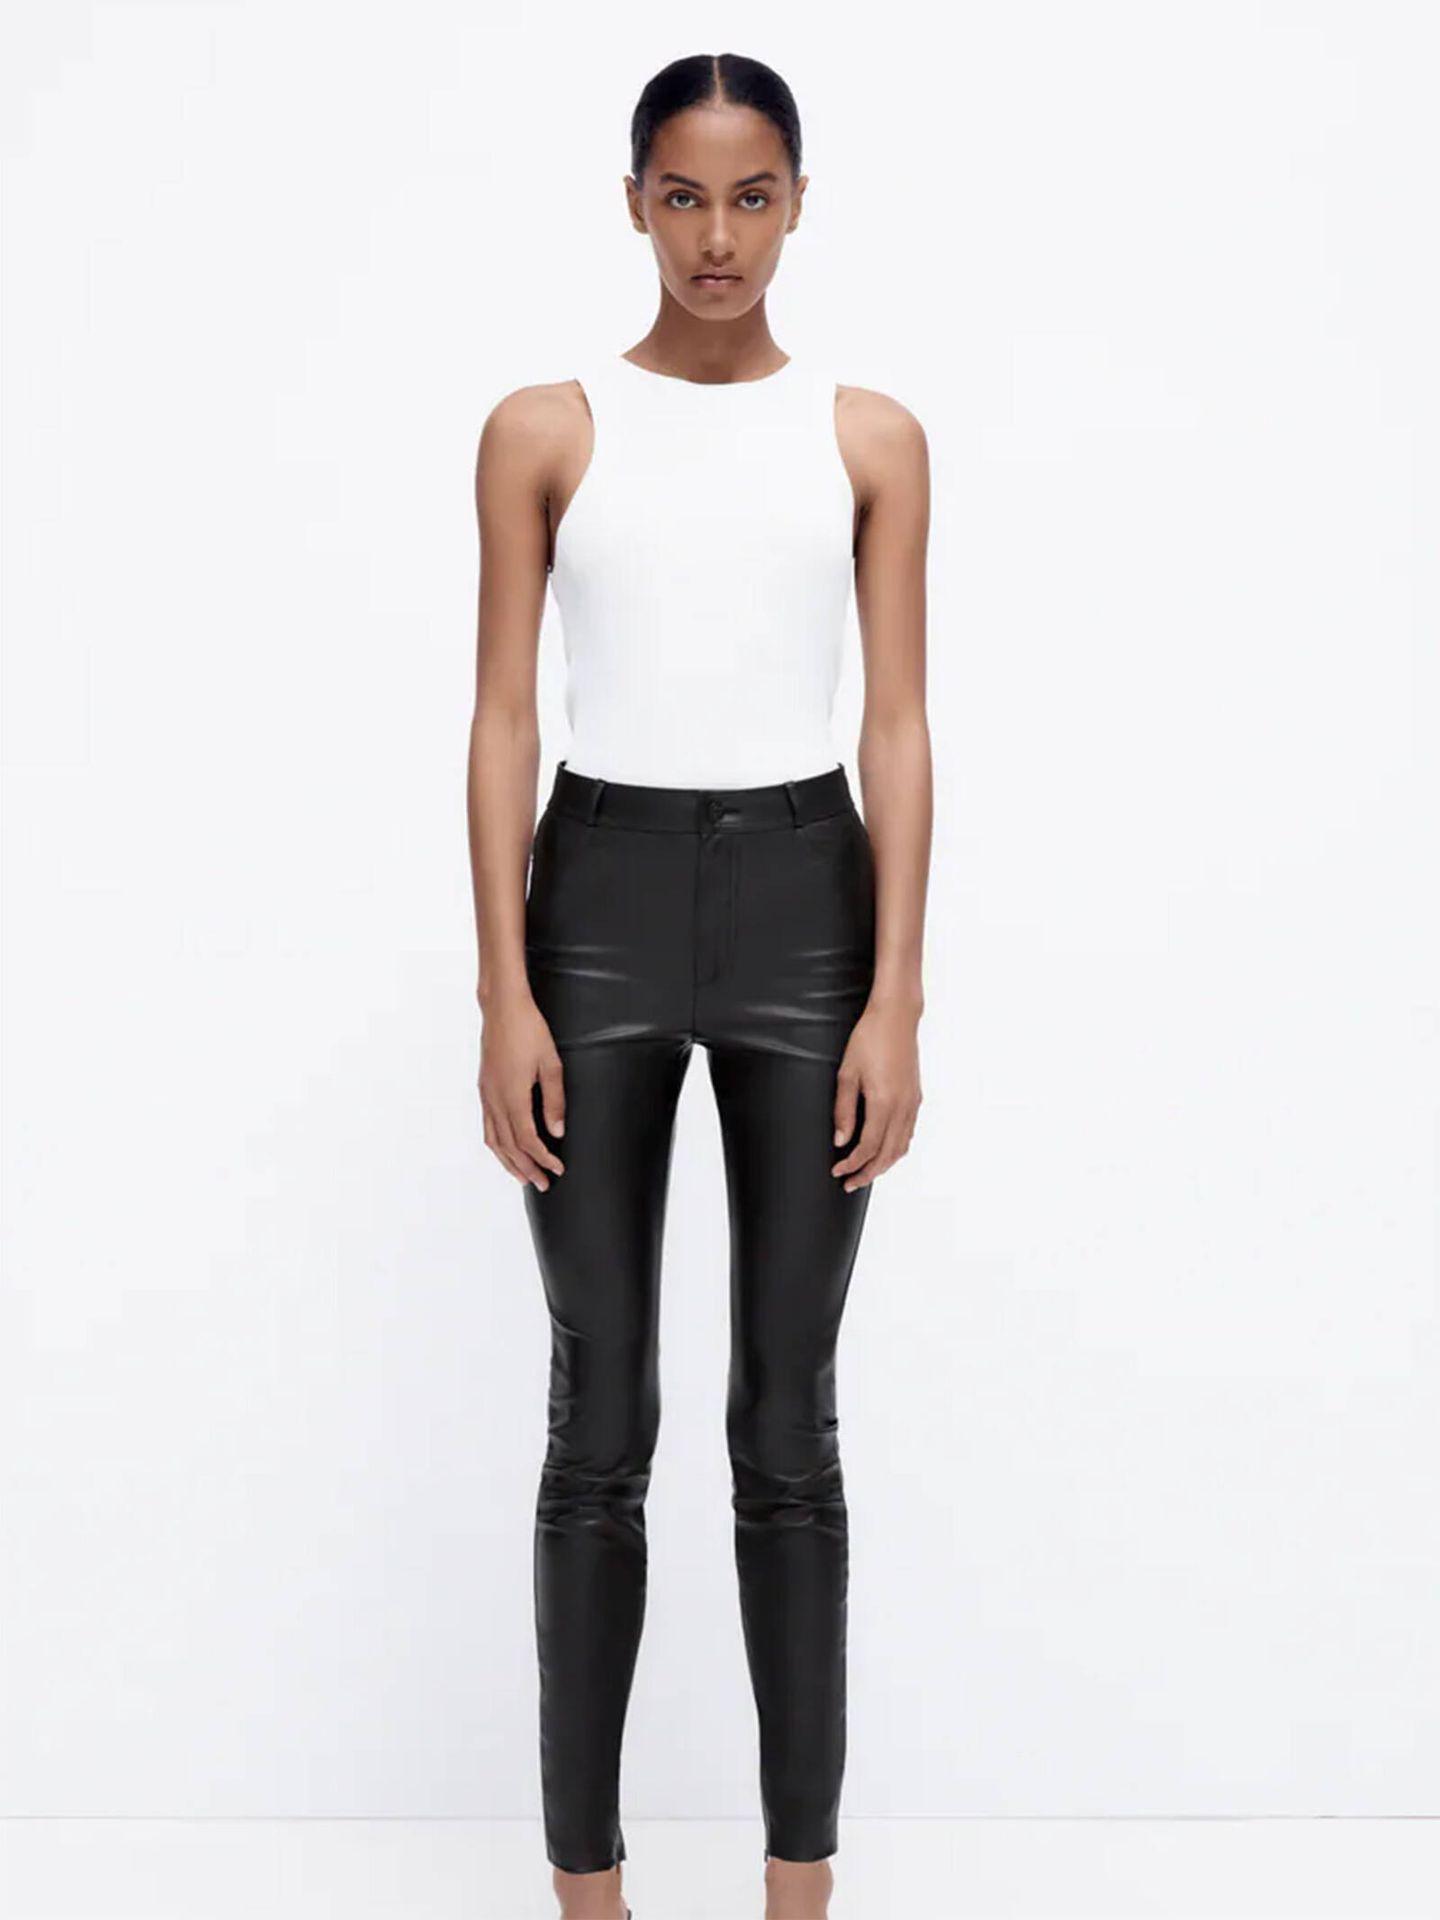 Los leggings efecto piel de Zara son un básico imprescindible de fondo de armario. (Cortesía)